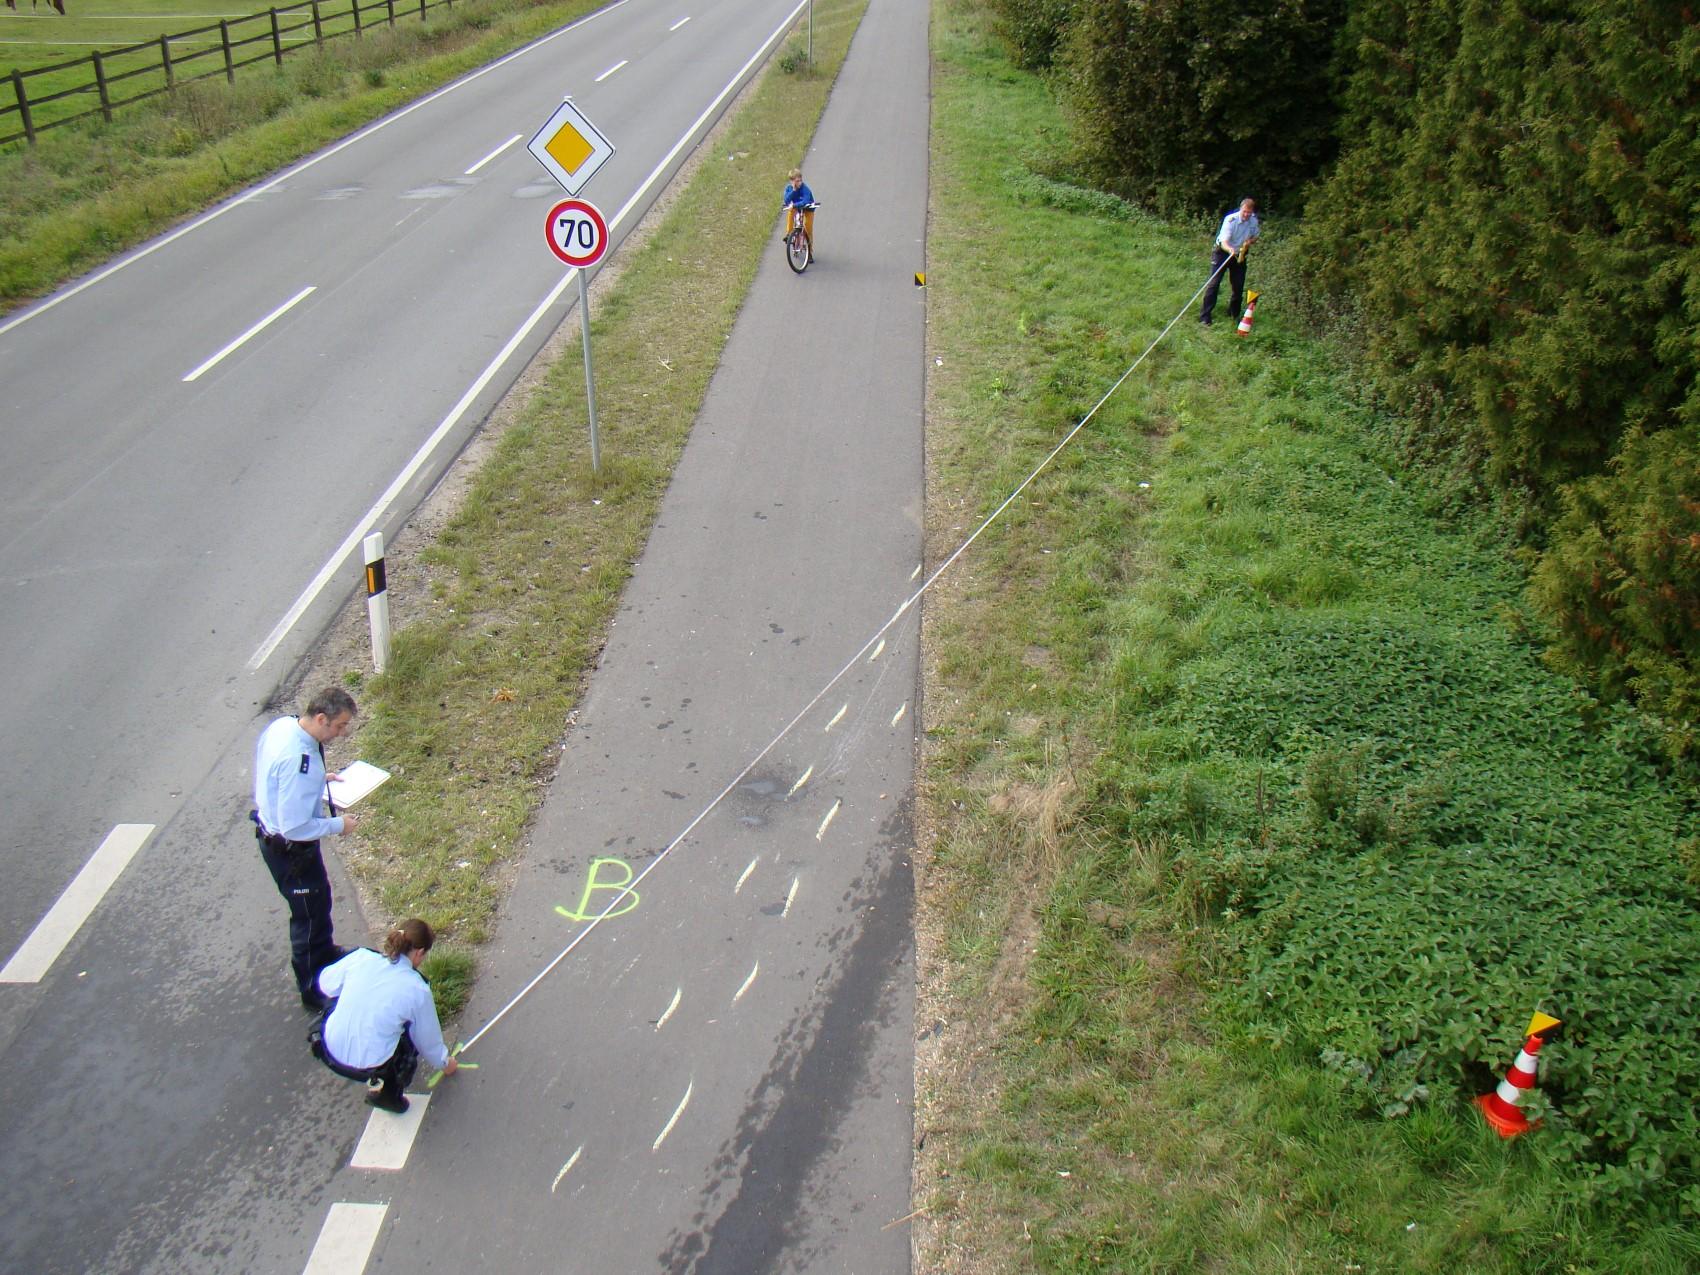 Politie fotografie